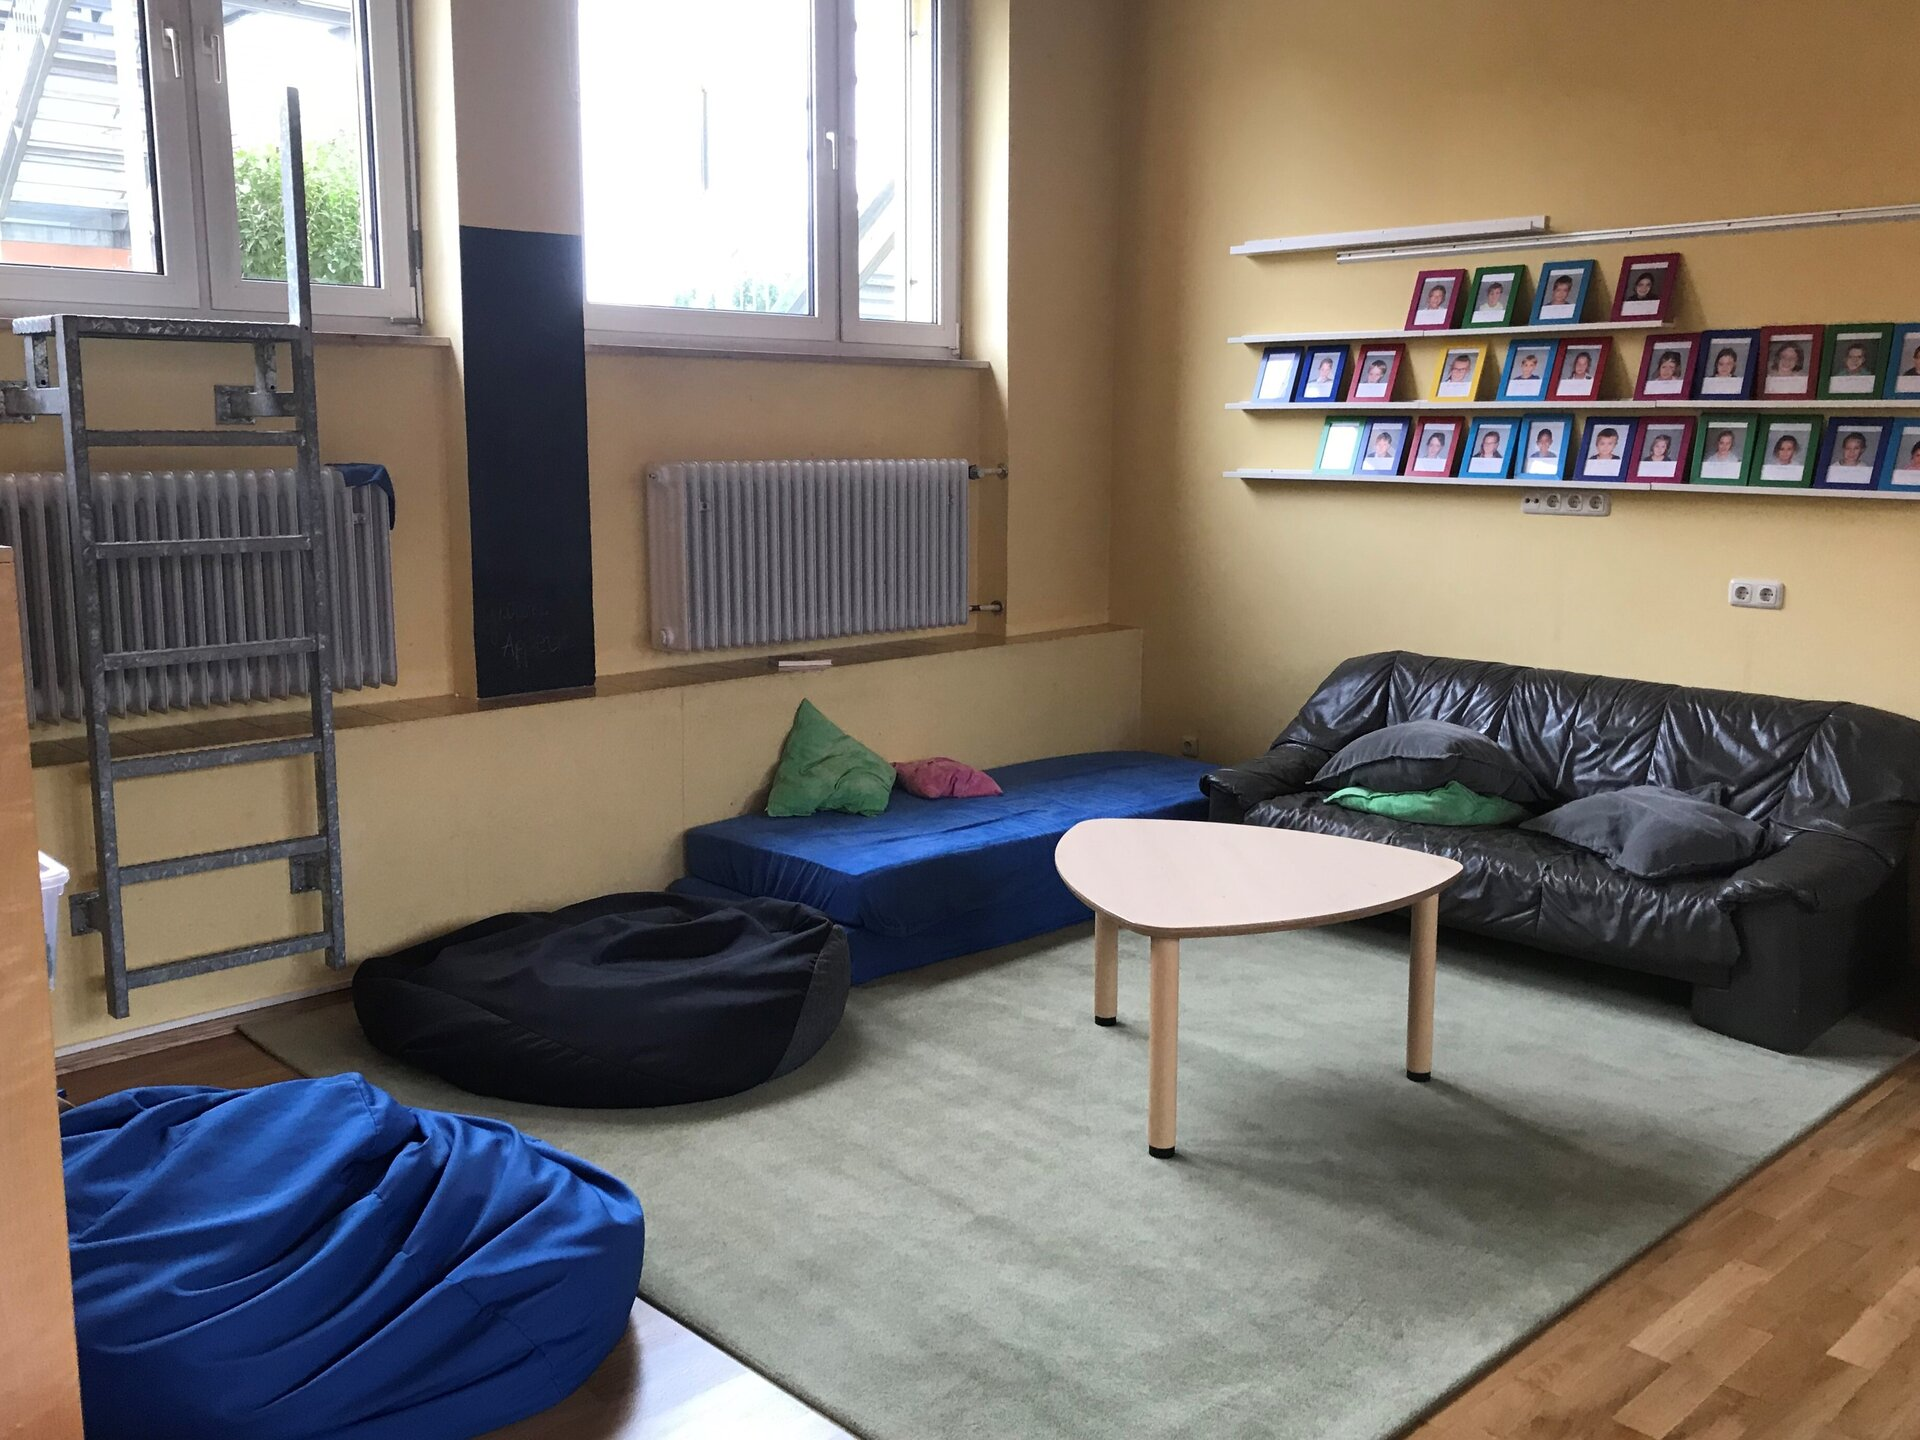 Räume für Hausaufgaben und Freizeitgestaltung